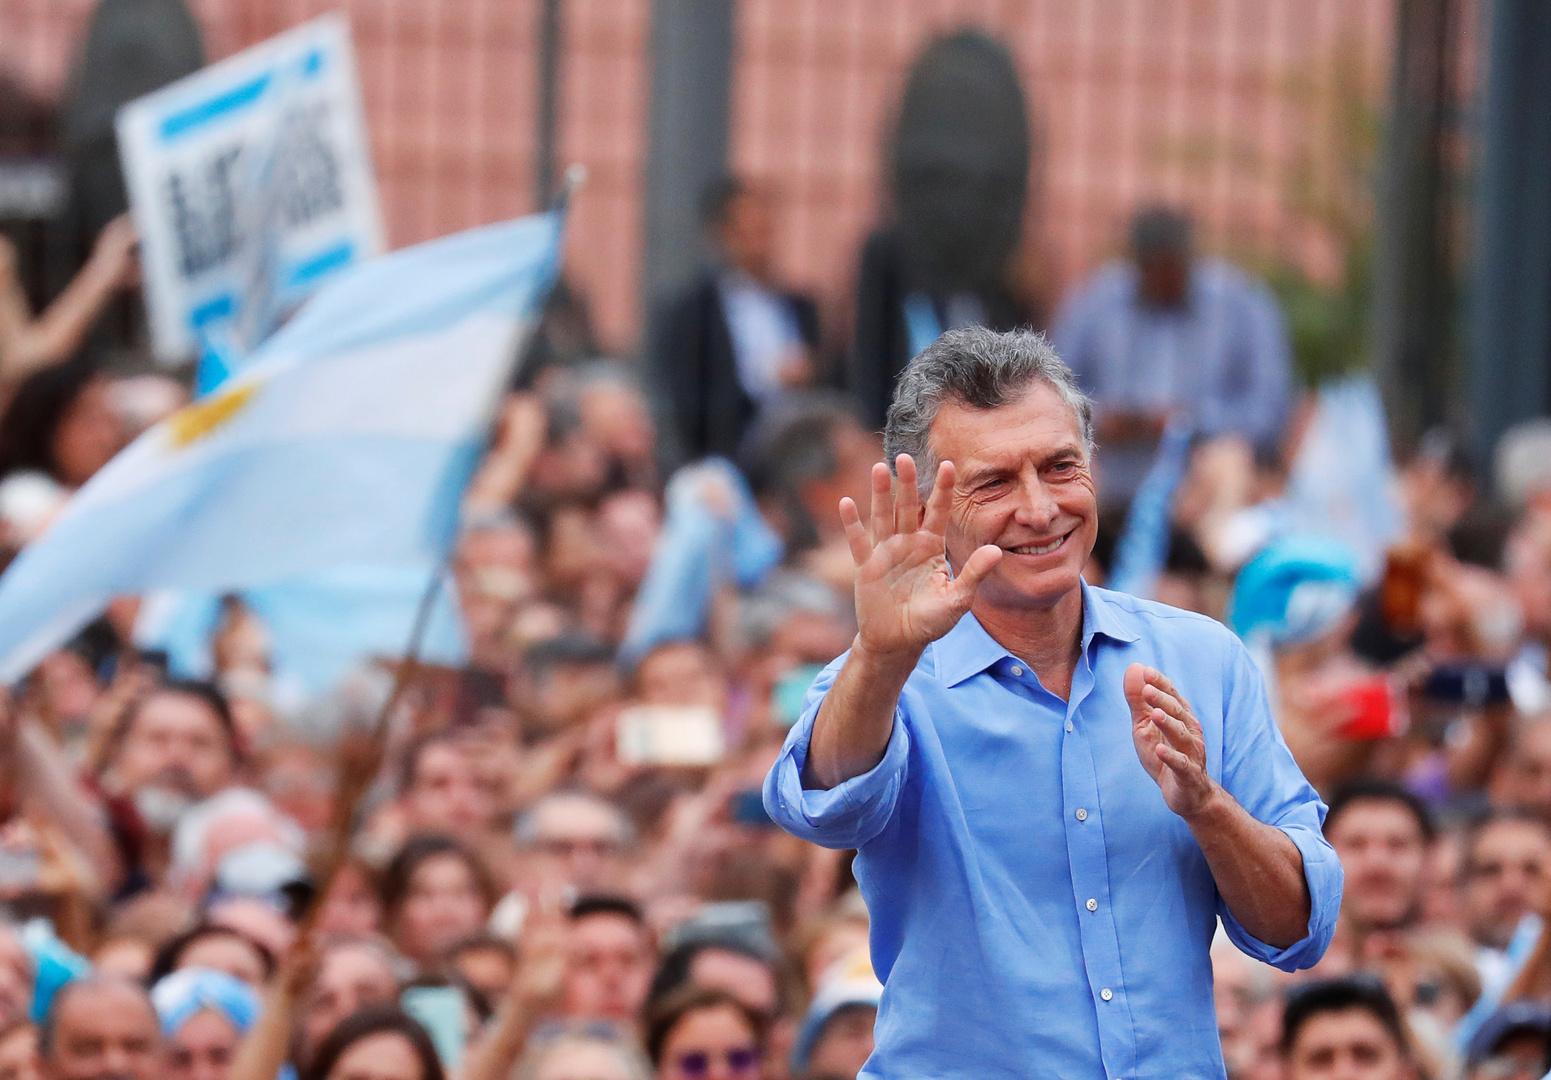 الرئيس الأرجنتيني السابق ماوريسيو ماكري